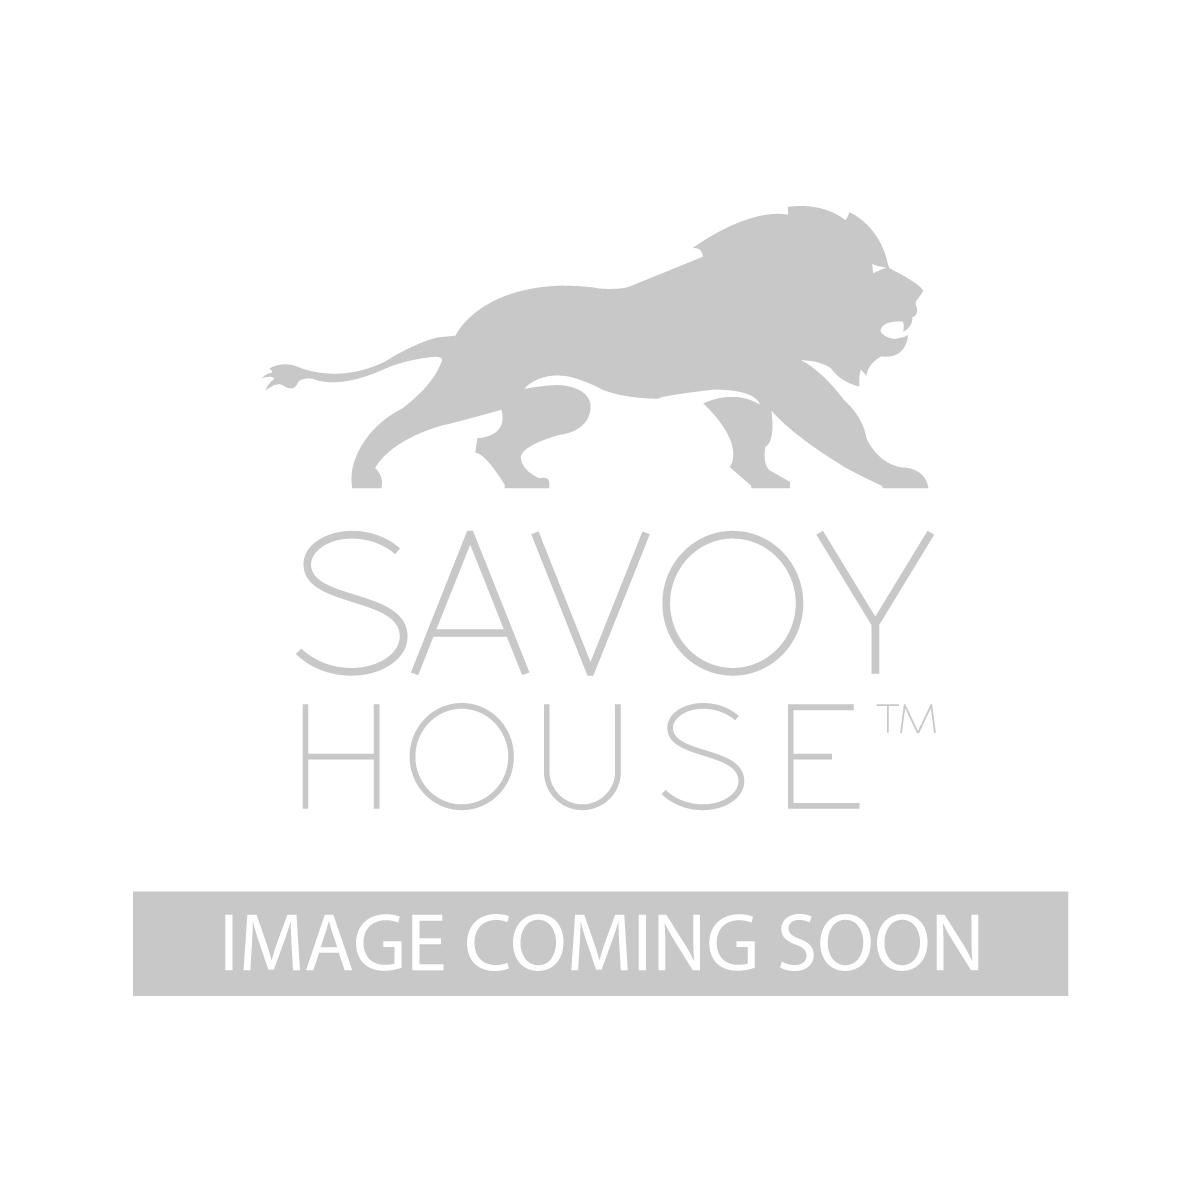 68 818 2CN SN Ariel 68 inch 2 Blade Ceiling Fan by Savoy House